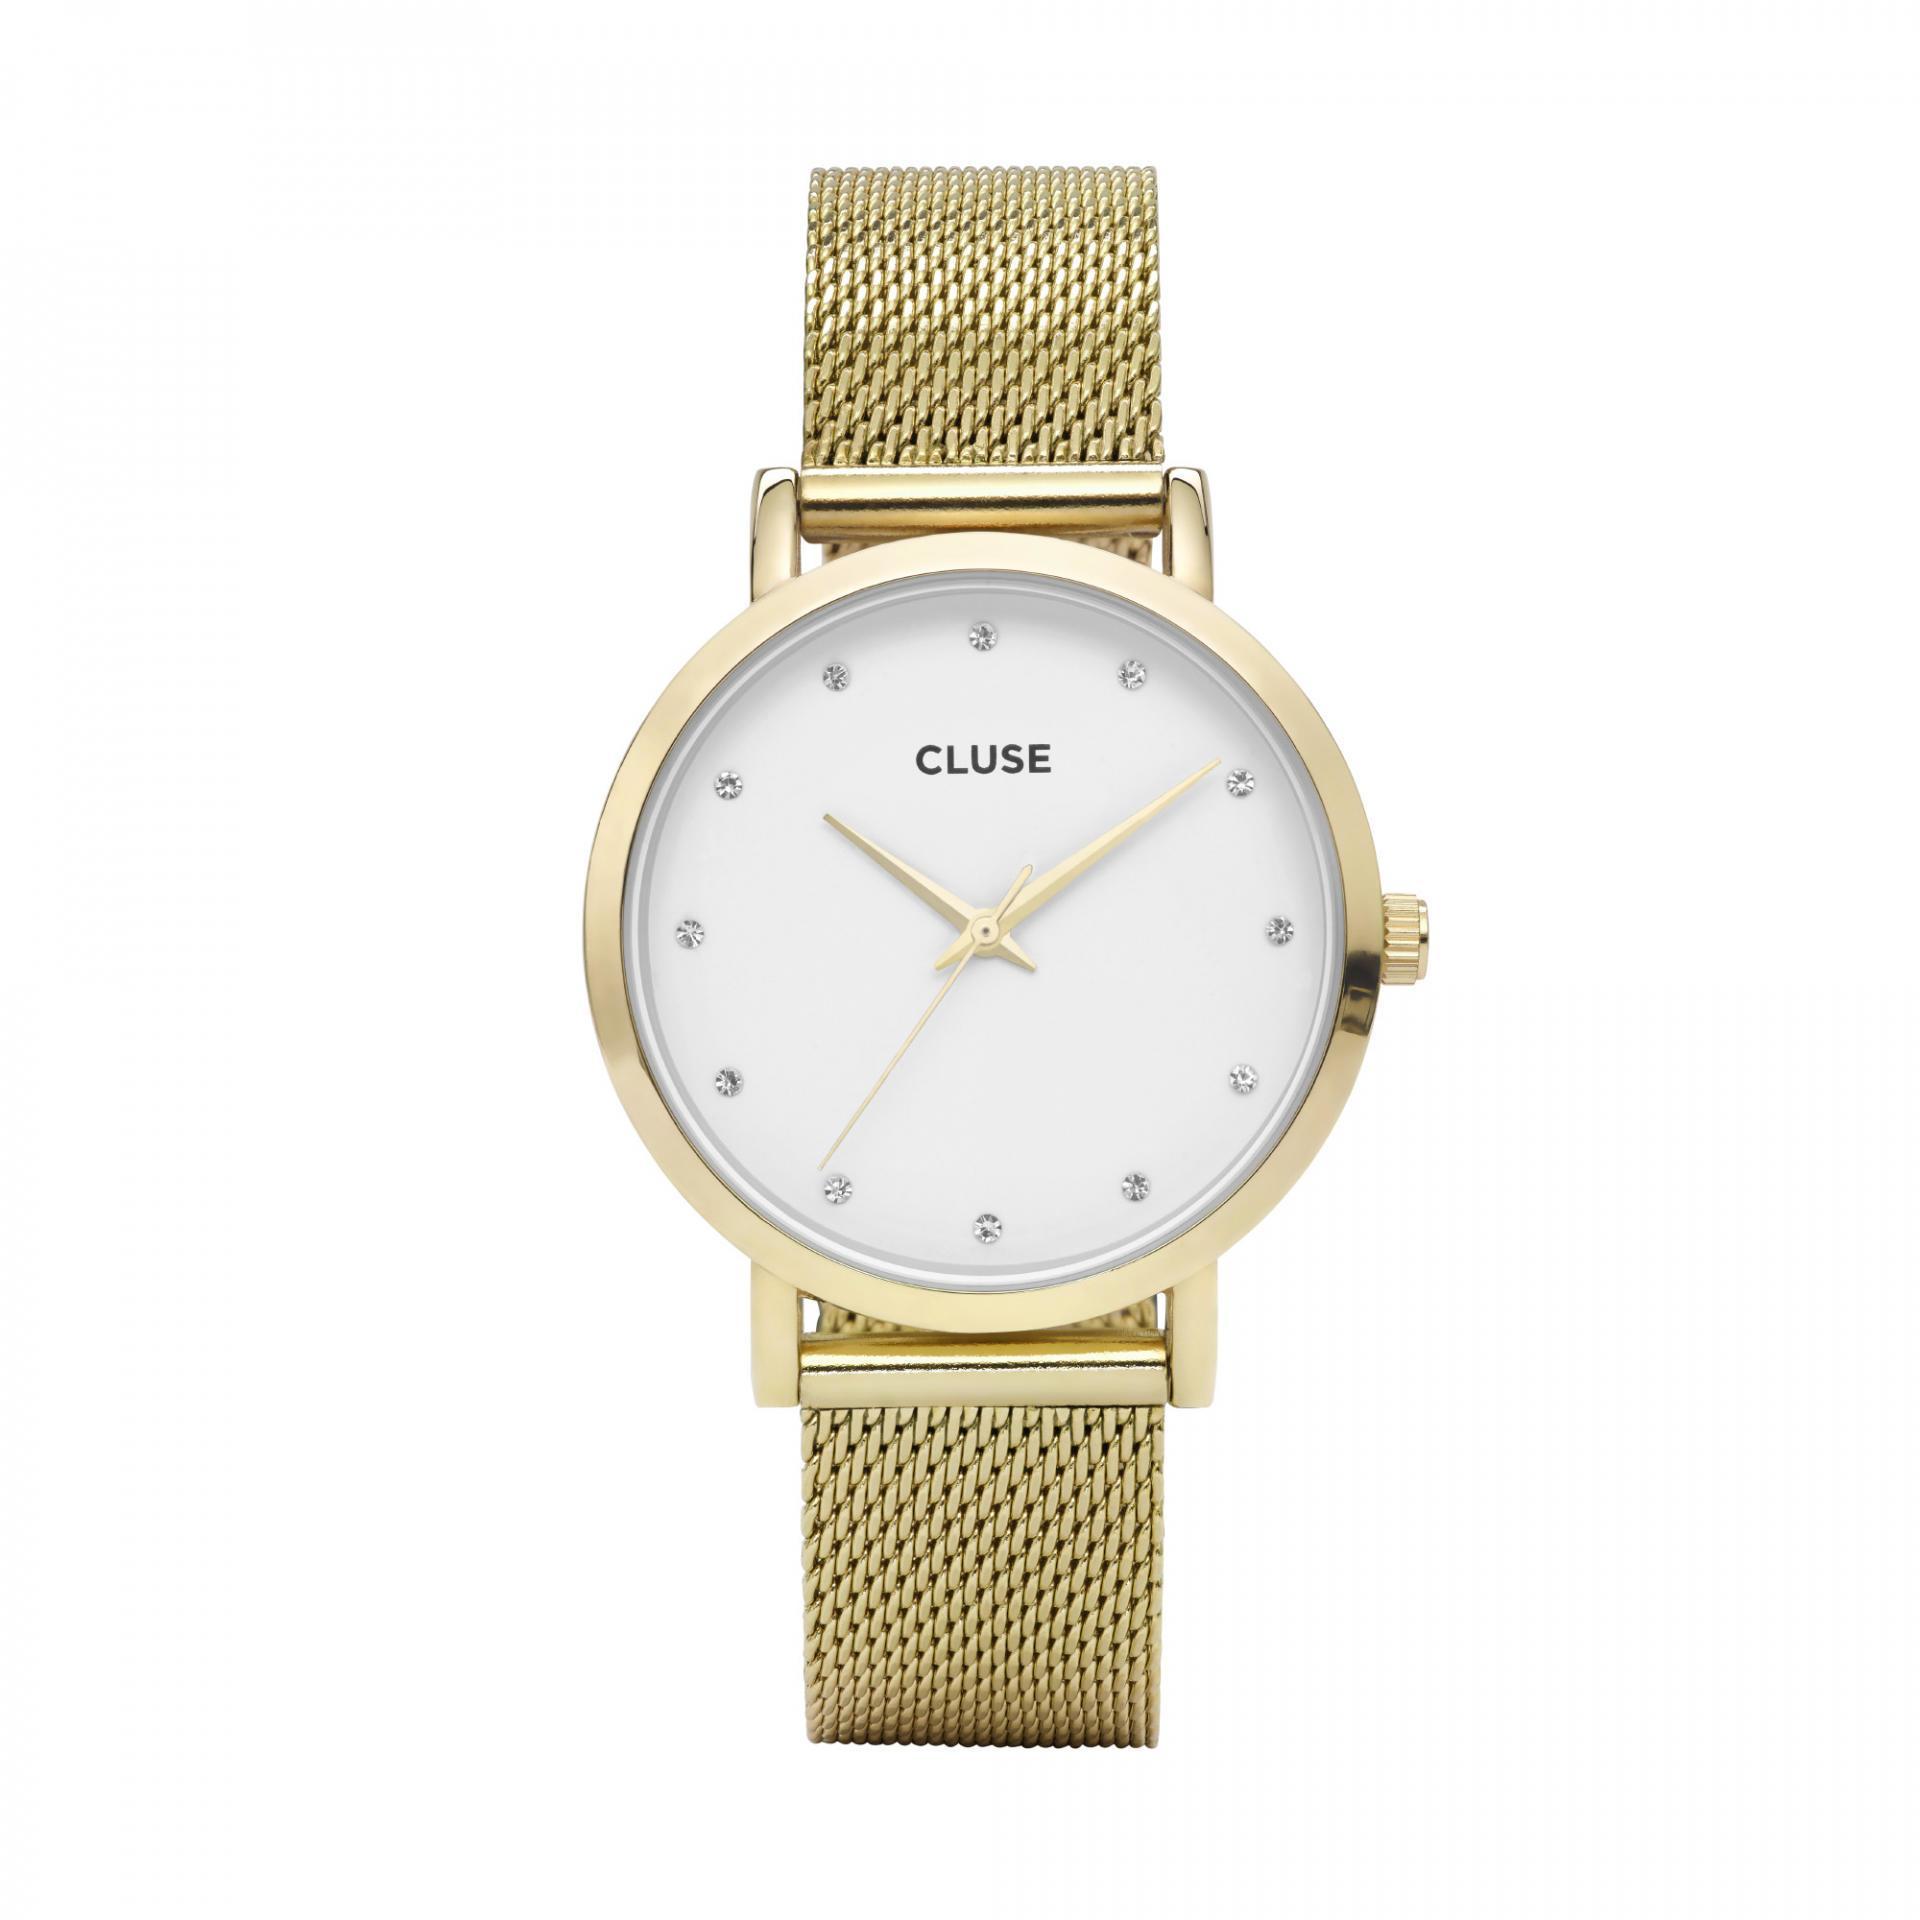 Dámské zlaté hodinky s kamínky Cluse Pavane Gold Stones  e29009eabb9